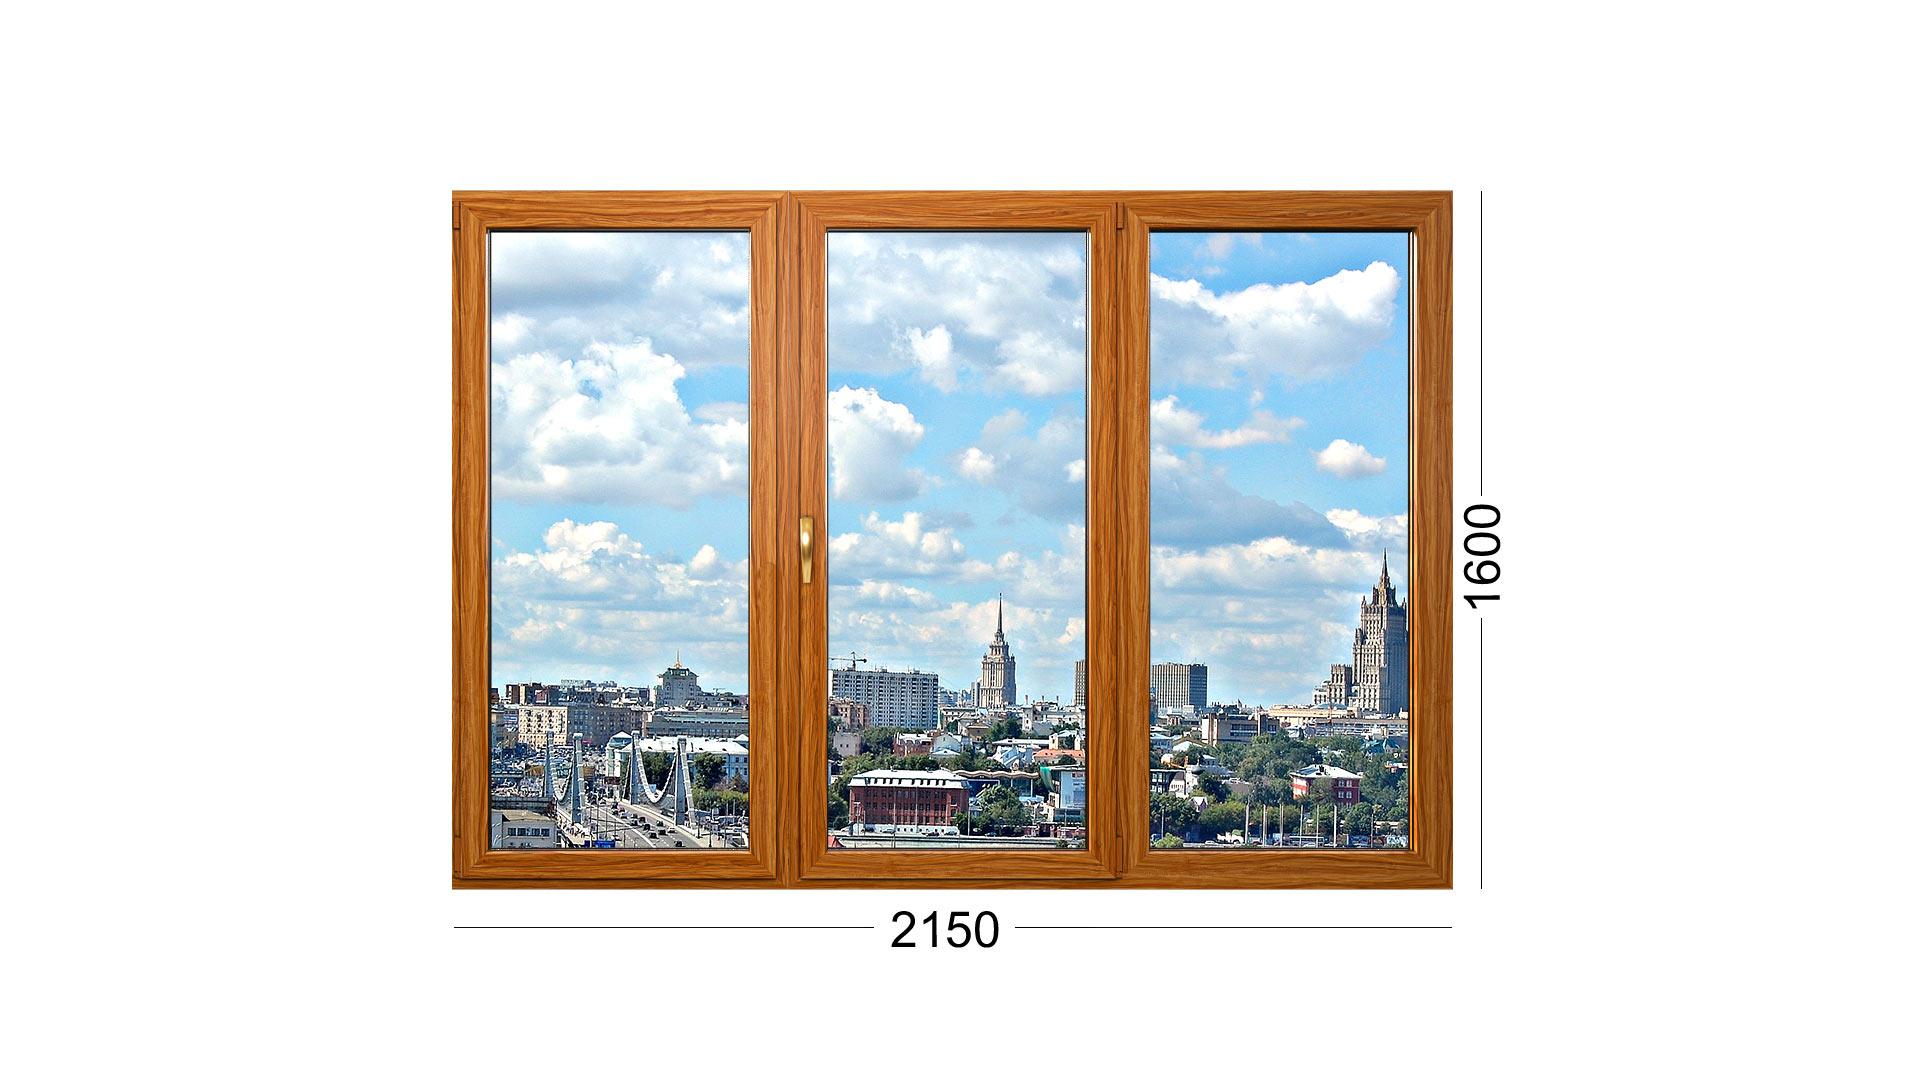 Конструкция деревянного окна для панельного дома серии 1605 9 или 1605/9